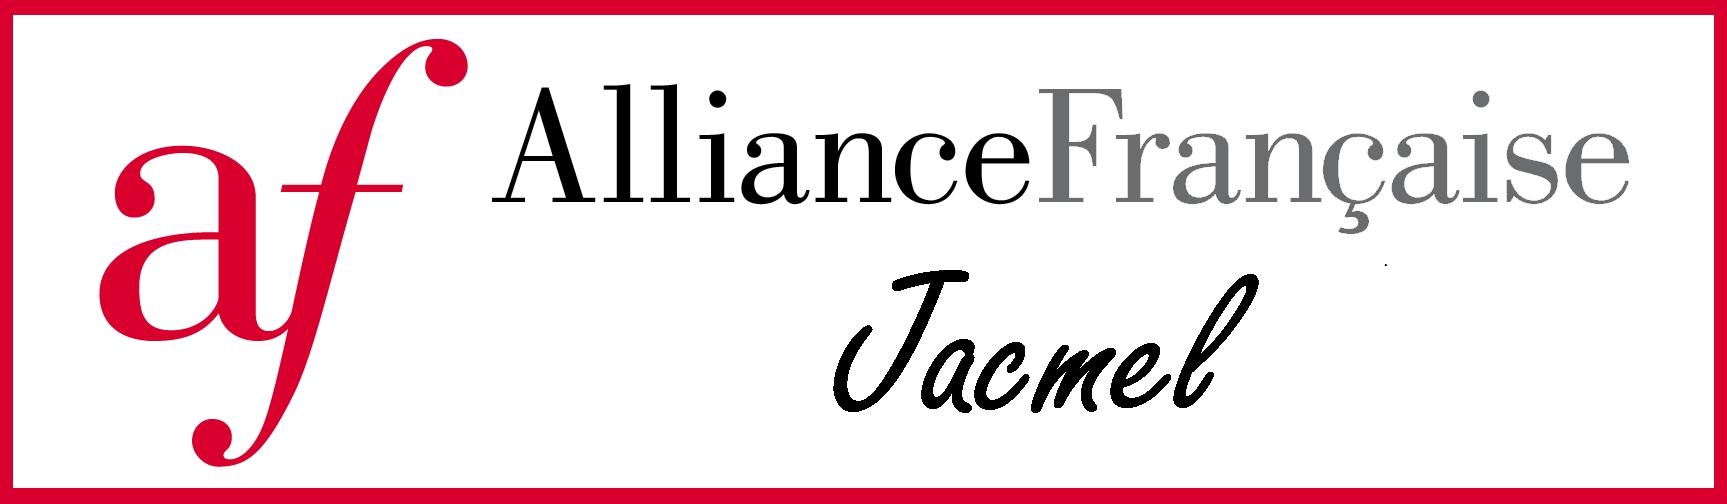 Alliance Française de Jacmel